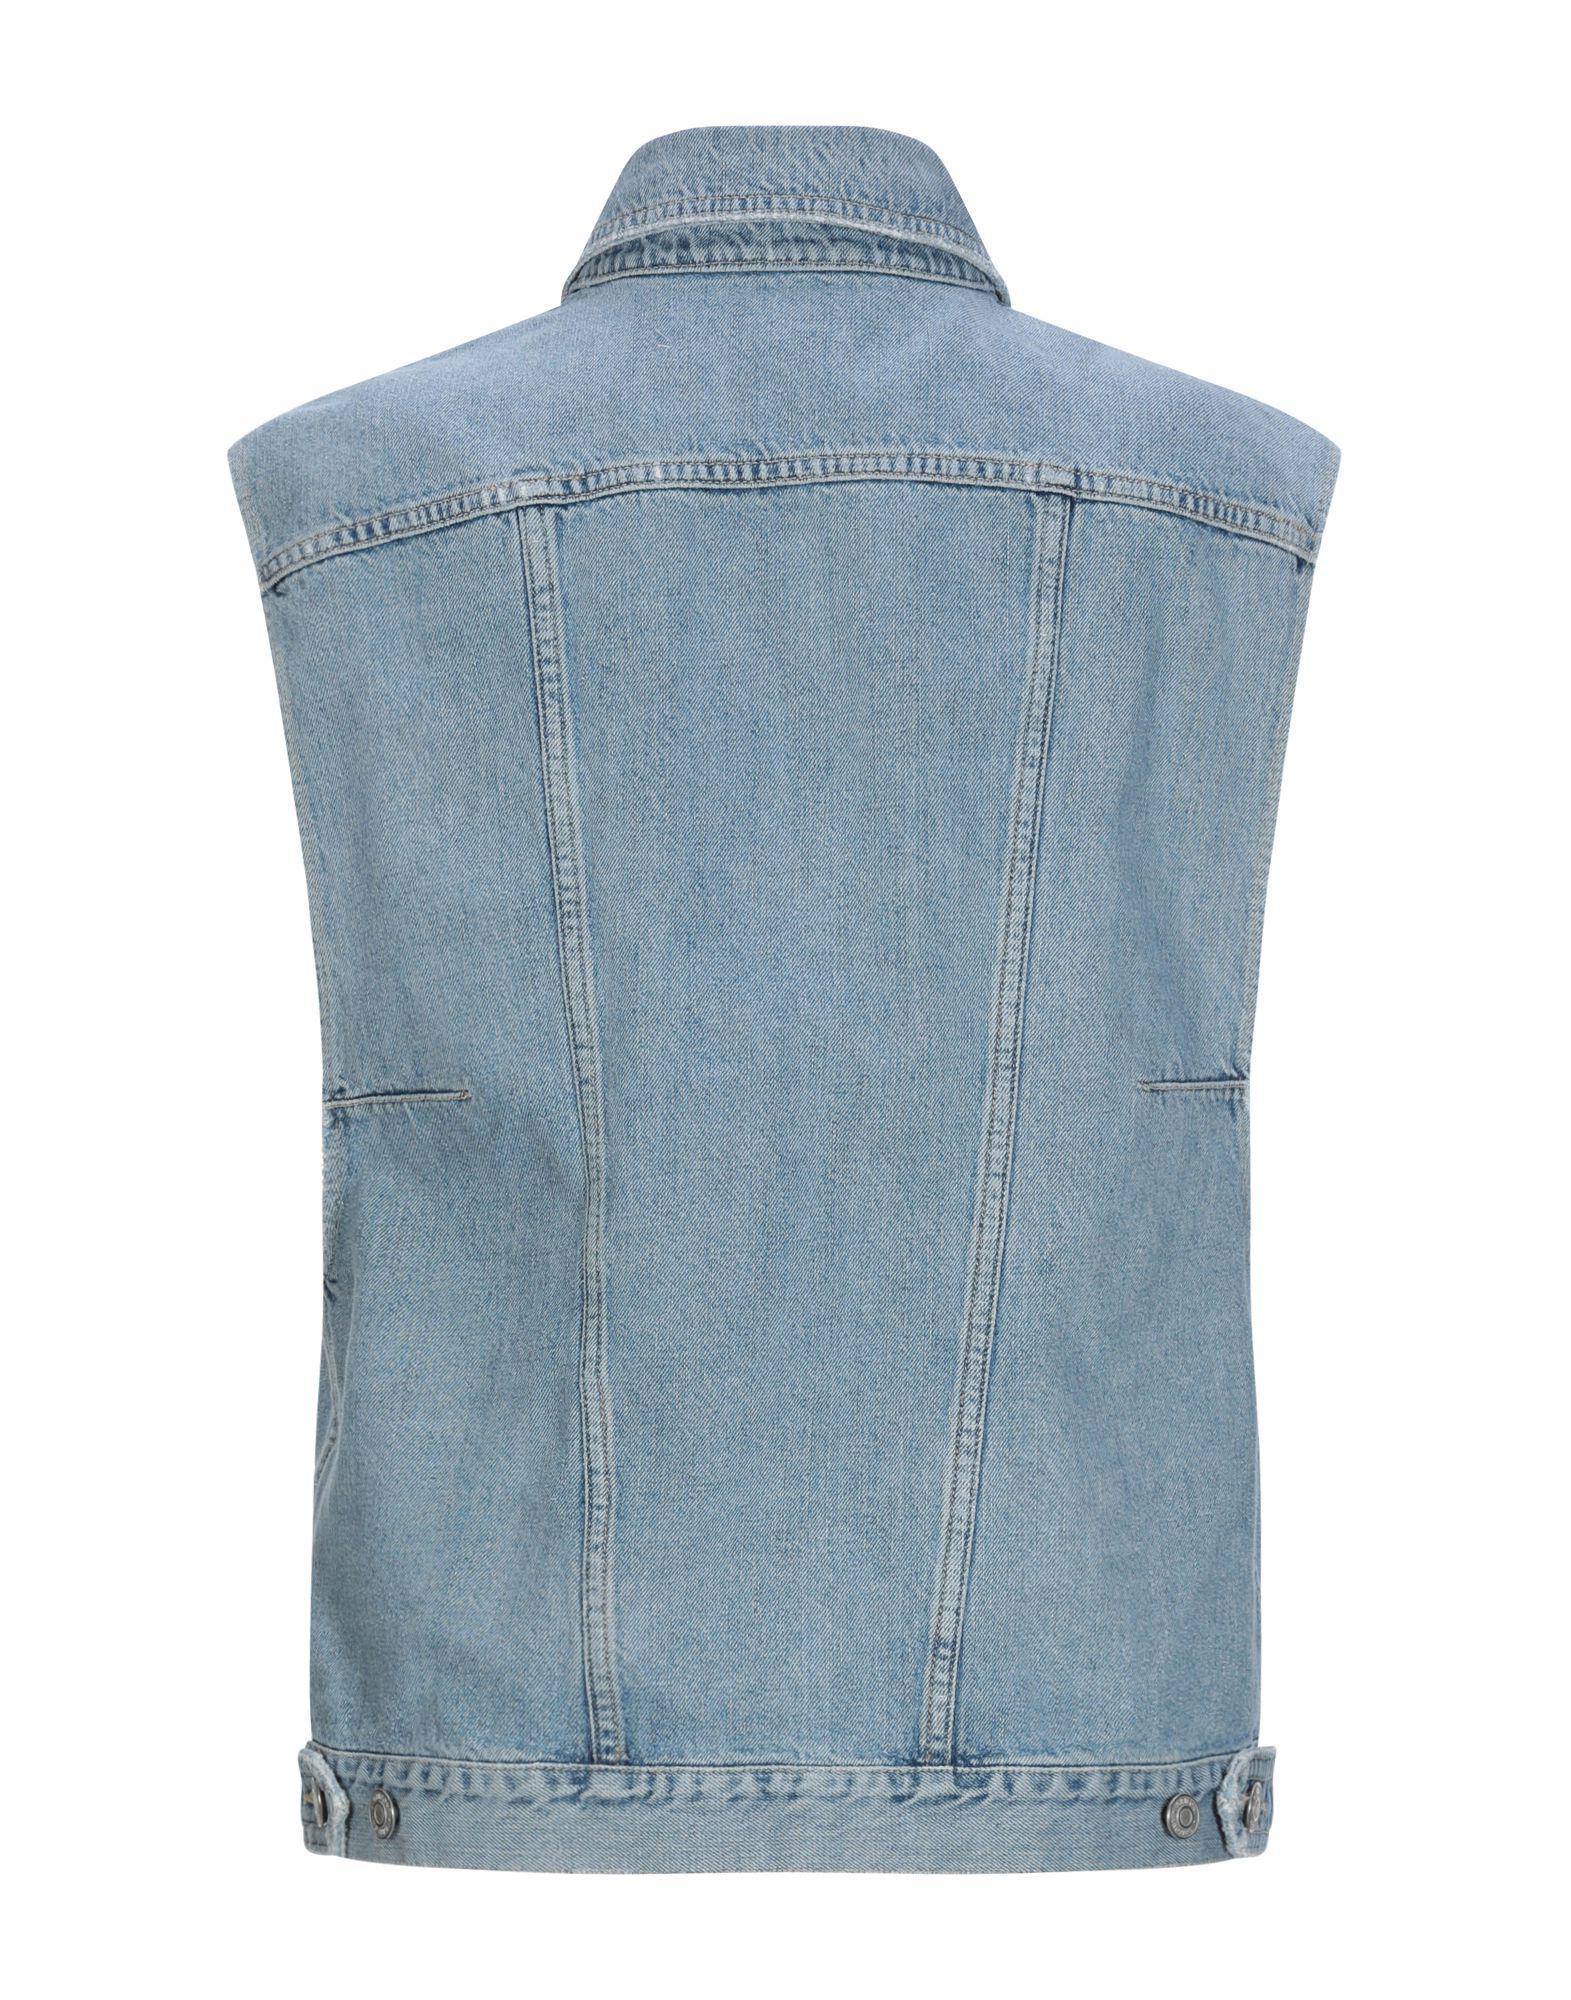 Manteau en jean Jean Mauro Grifoni en coloris Bleu 6Ragi